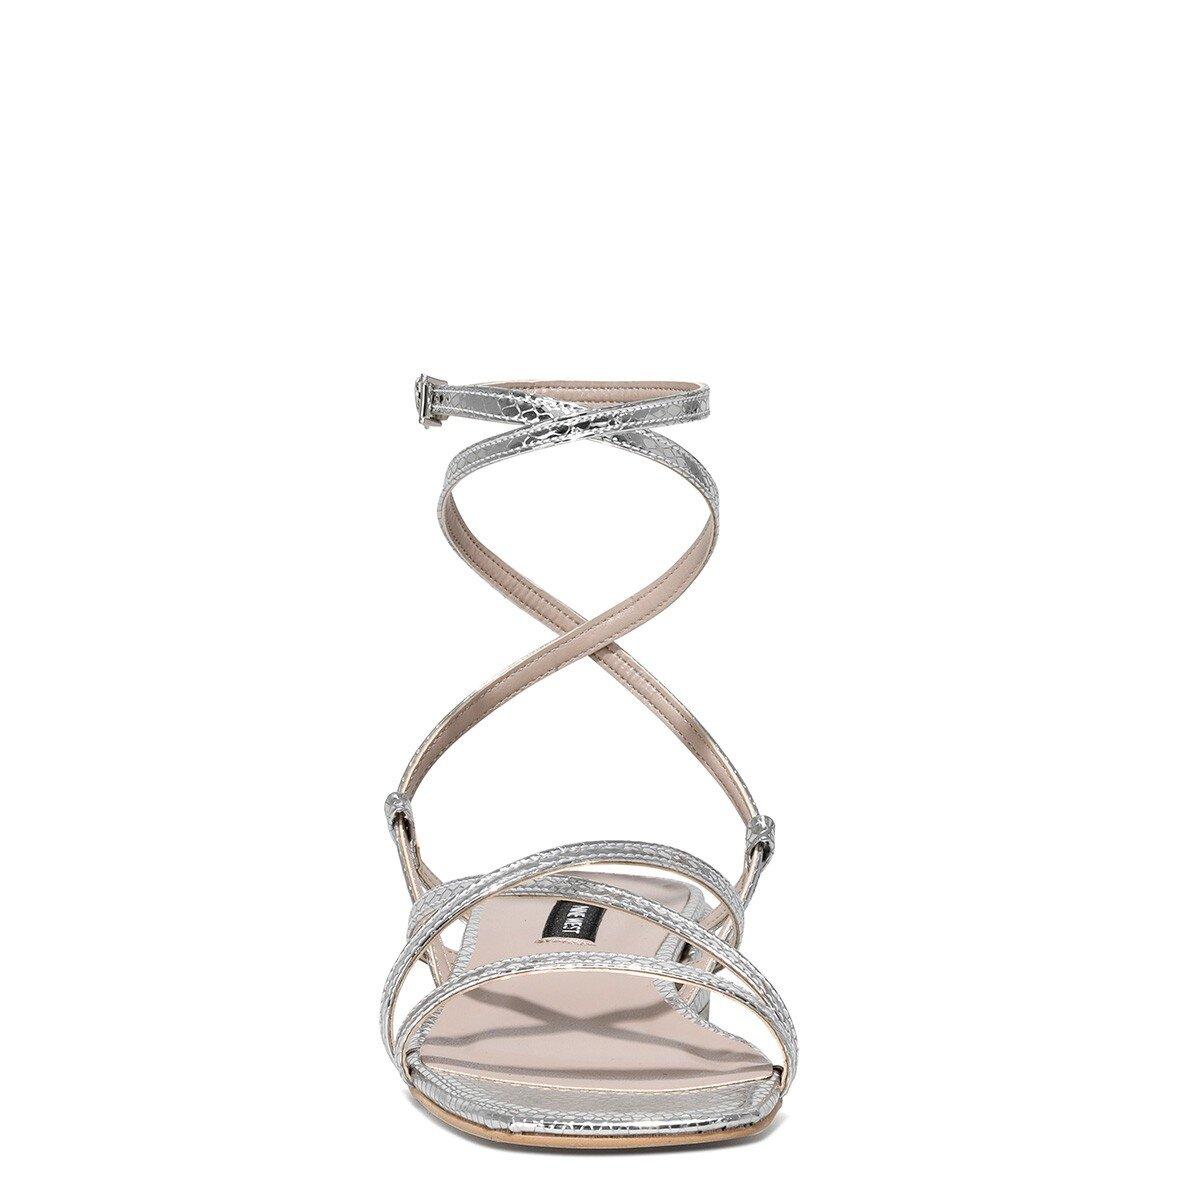 MEOLI 1FX Gümüş Kadın Topuklu Sandalet